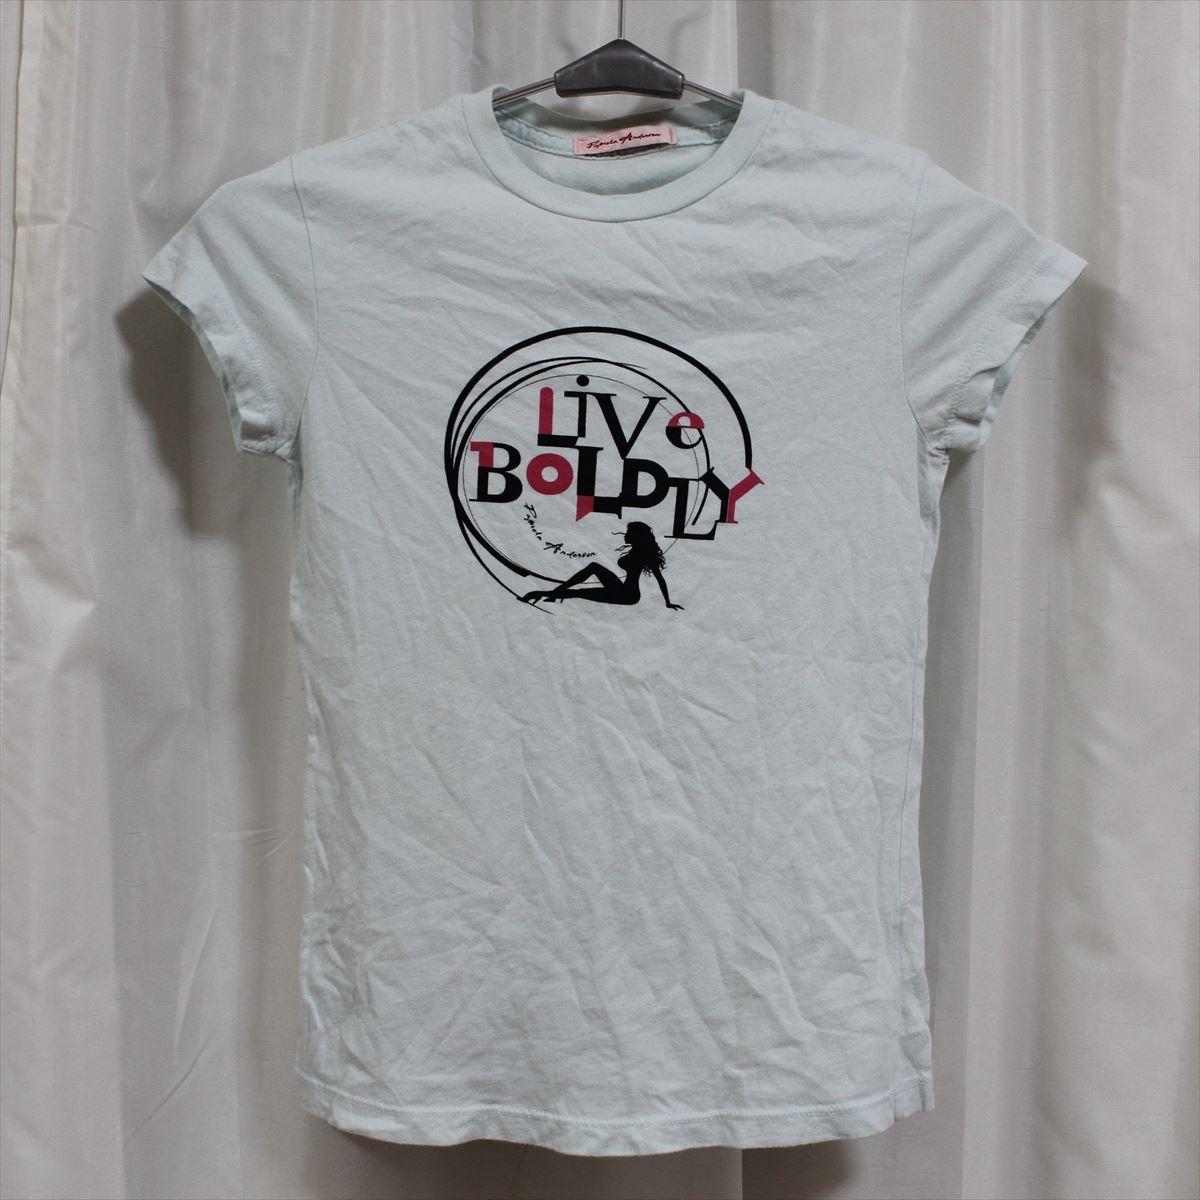 パメラアンダーソン Pamera Anderson レディース半袖Tシャツ ライトブルー Sサイズ アウトレット_画像1